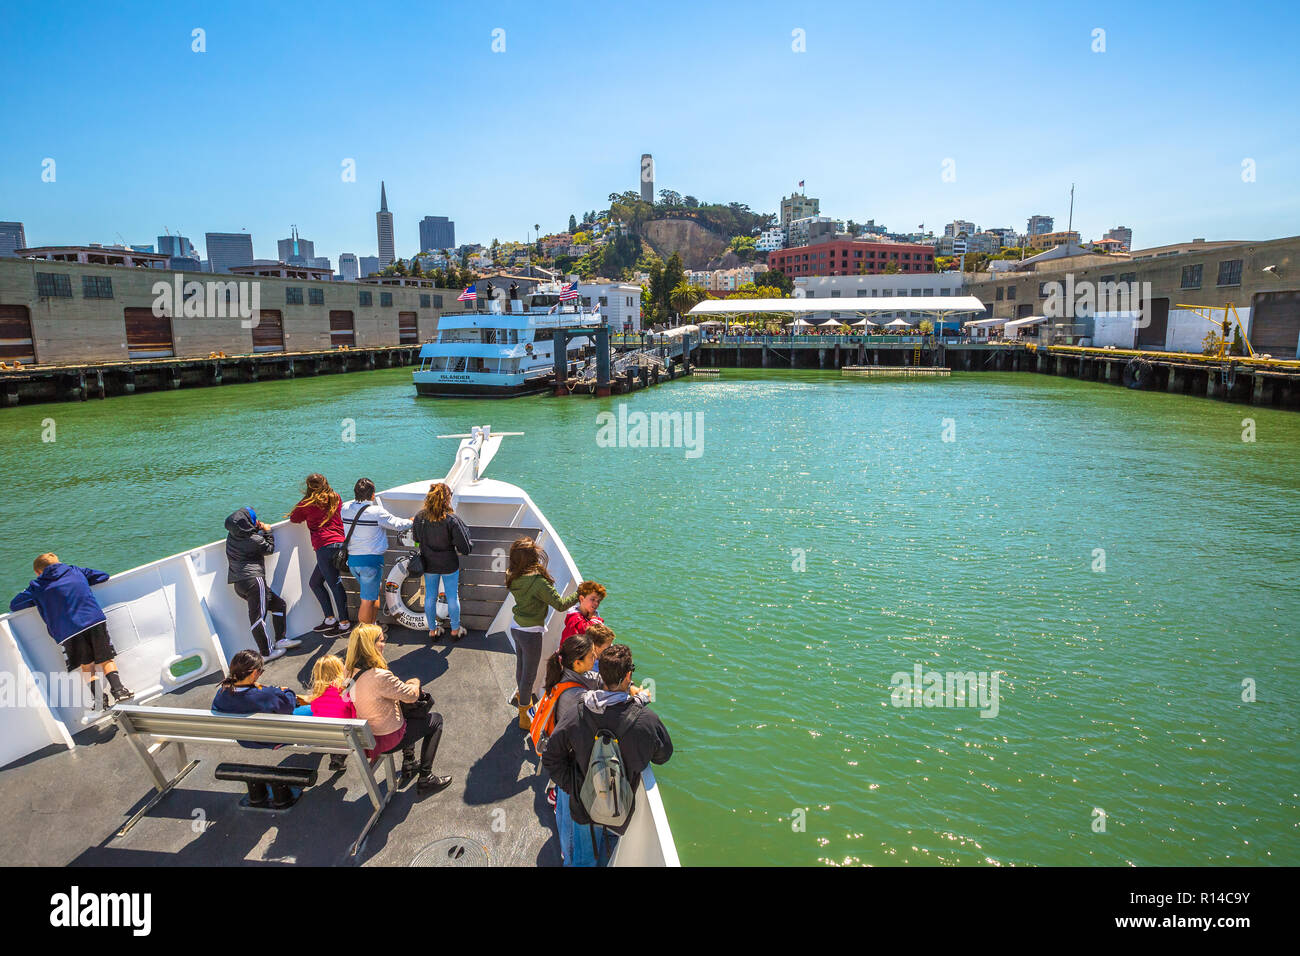 San Francisco, California, Stati Uniti - Agosto 14, 2016: Alcatraz Flayer tour in barca prua pier con la skyline di San Francisco. Isola di Alcatraz rimane quella di San Francisco è più popolare di crociere. Immagini Stock